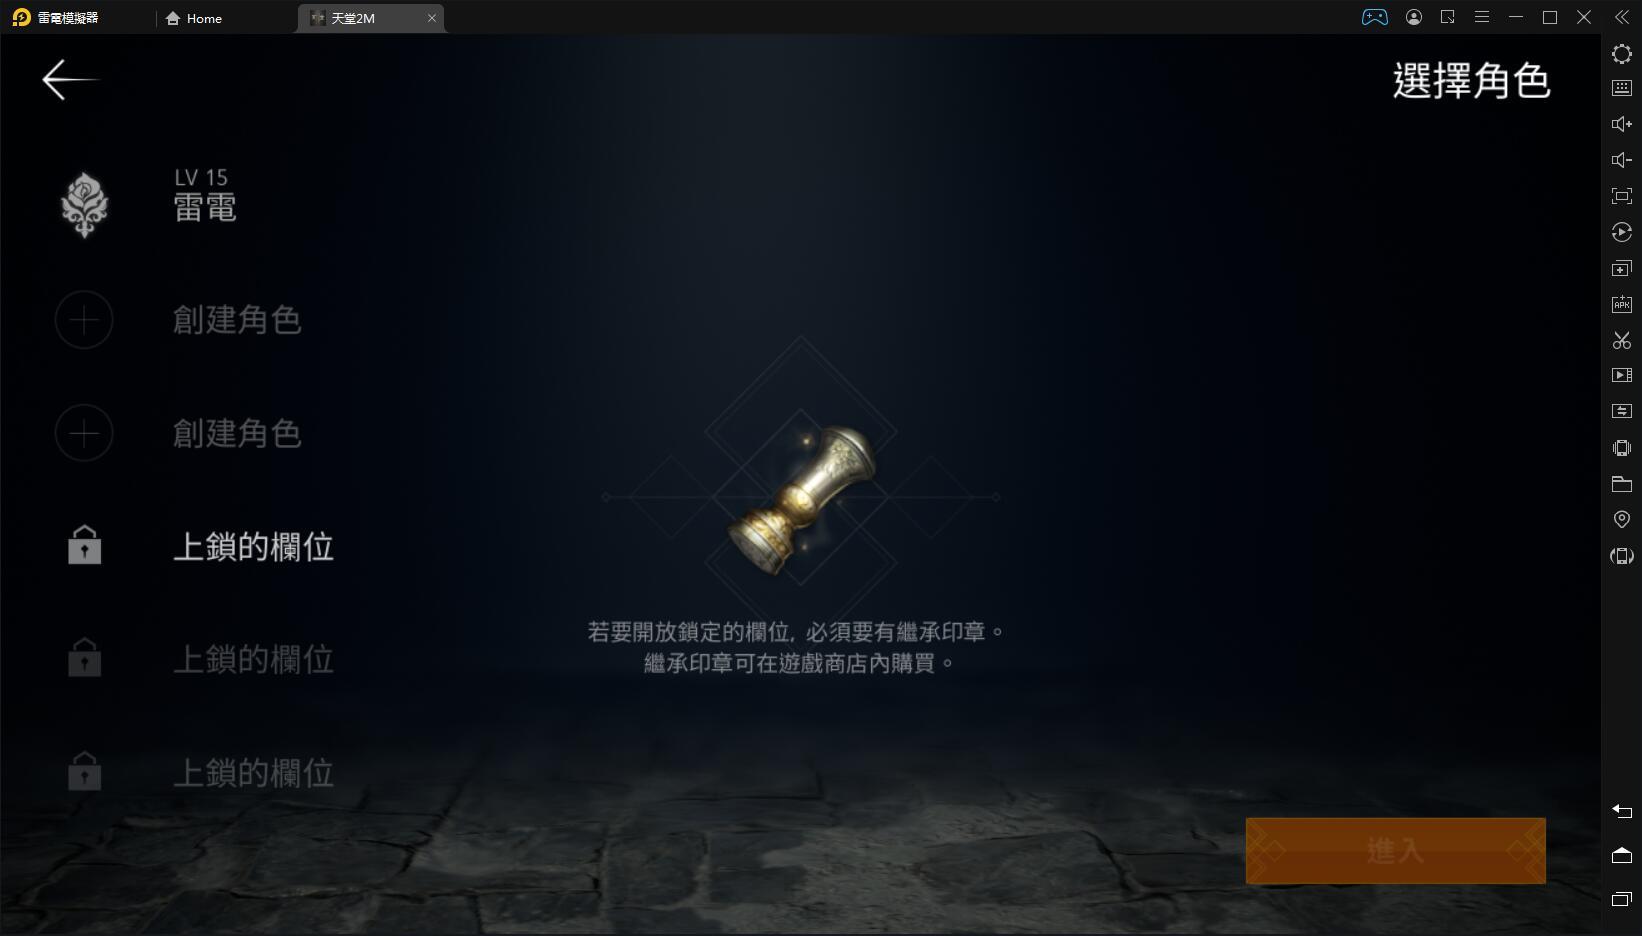 【攻略】《天堂2M》免費合成紅變快速方法!